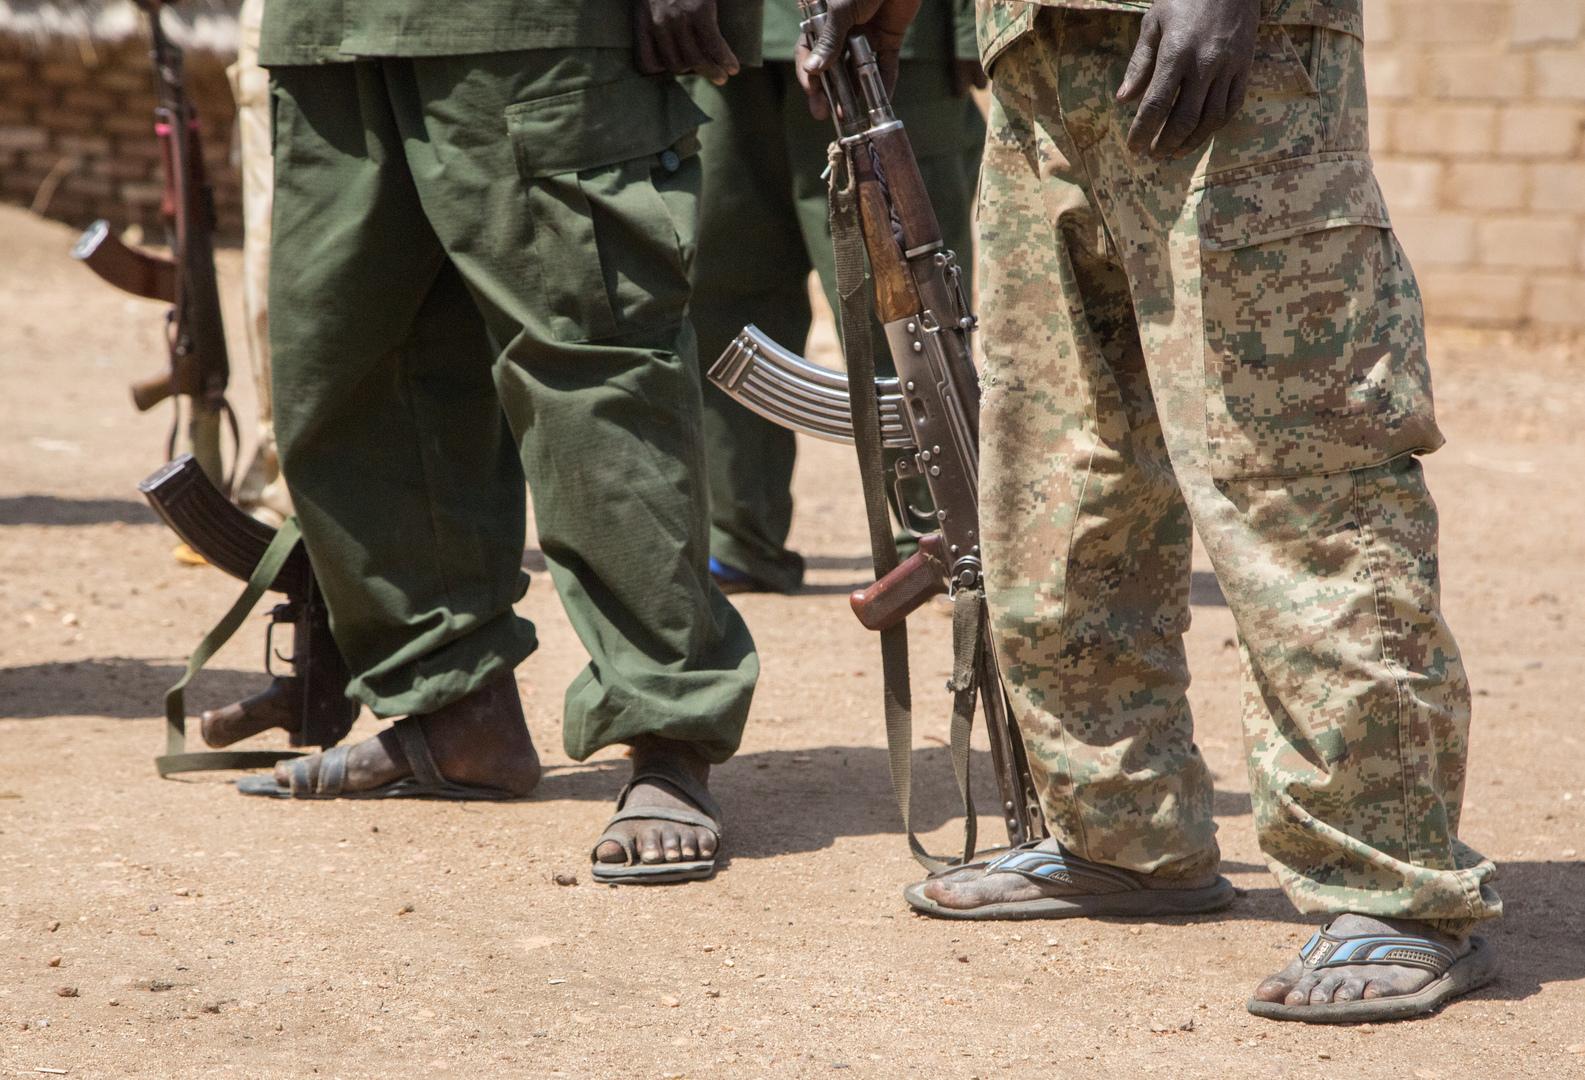 وكالة: اعتقال 40 ضابطا لتورطهم في